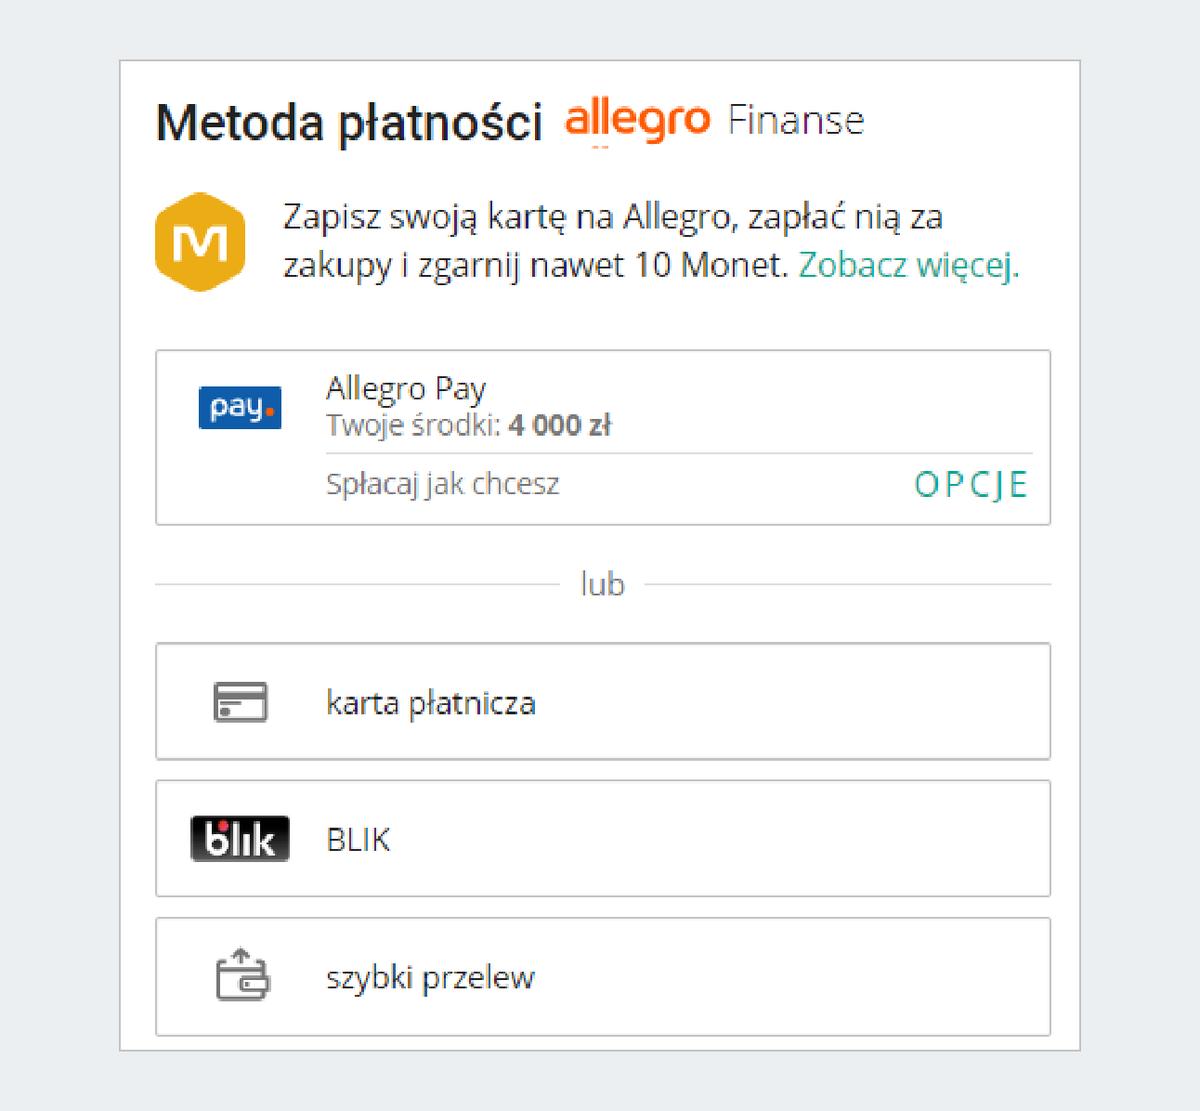 Metoda płatności